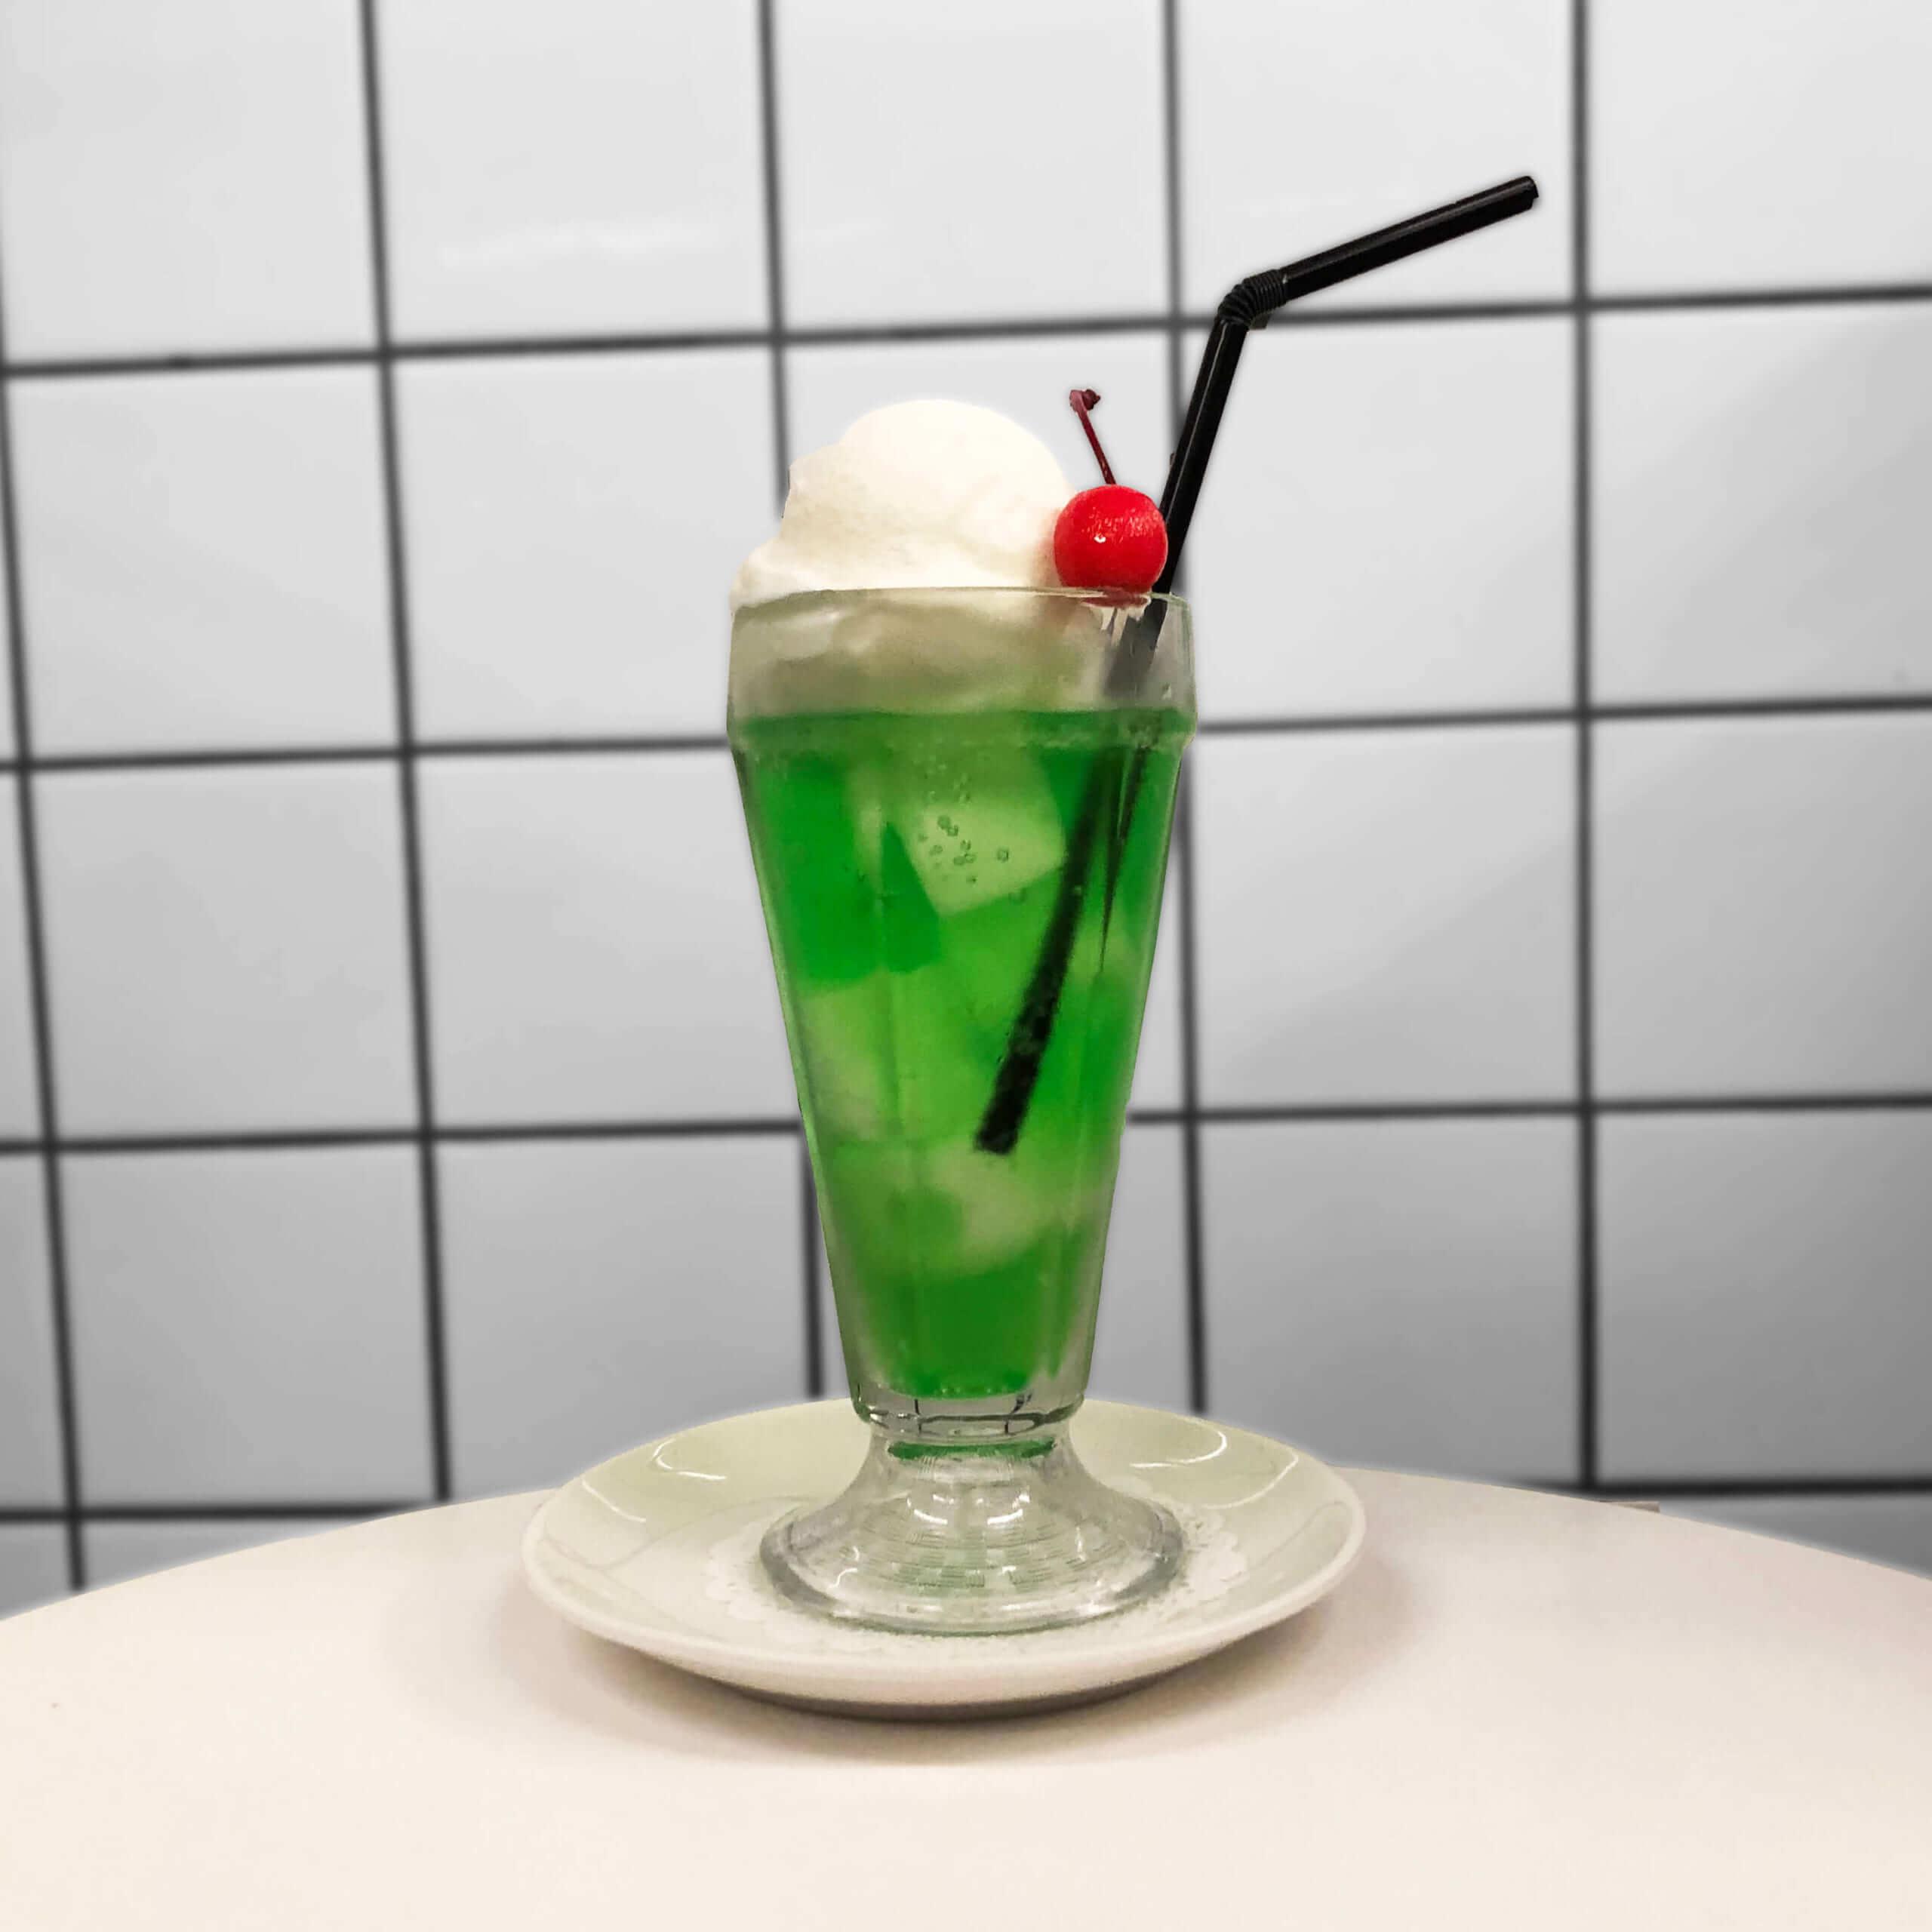 BIG BABY ICE CREAM(ビッグベイビーアイスクリーム)のメロンソーダー ¥650(税込み)